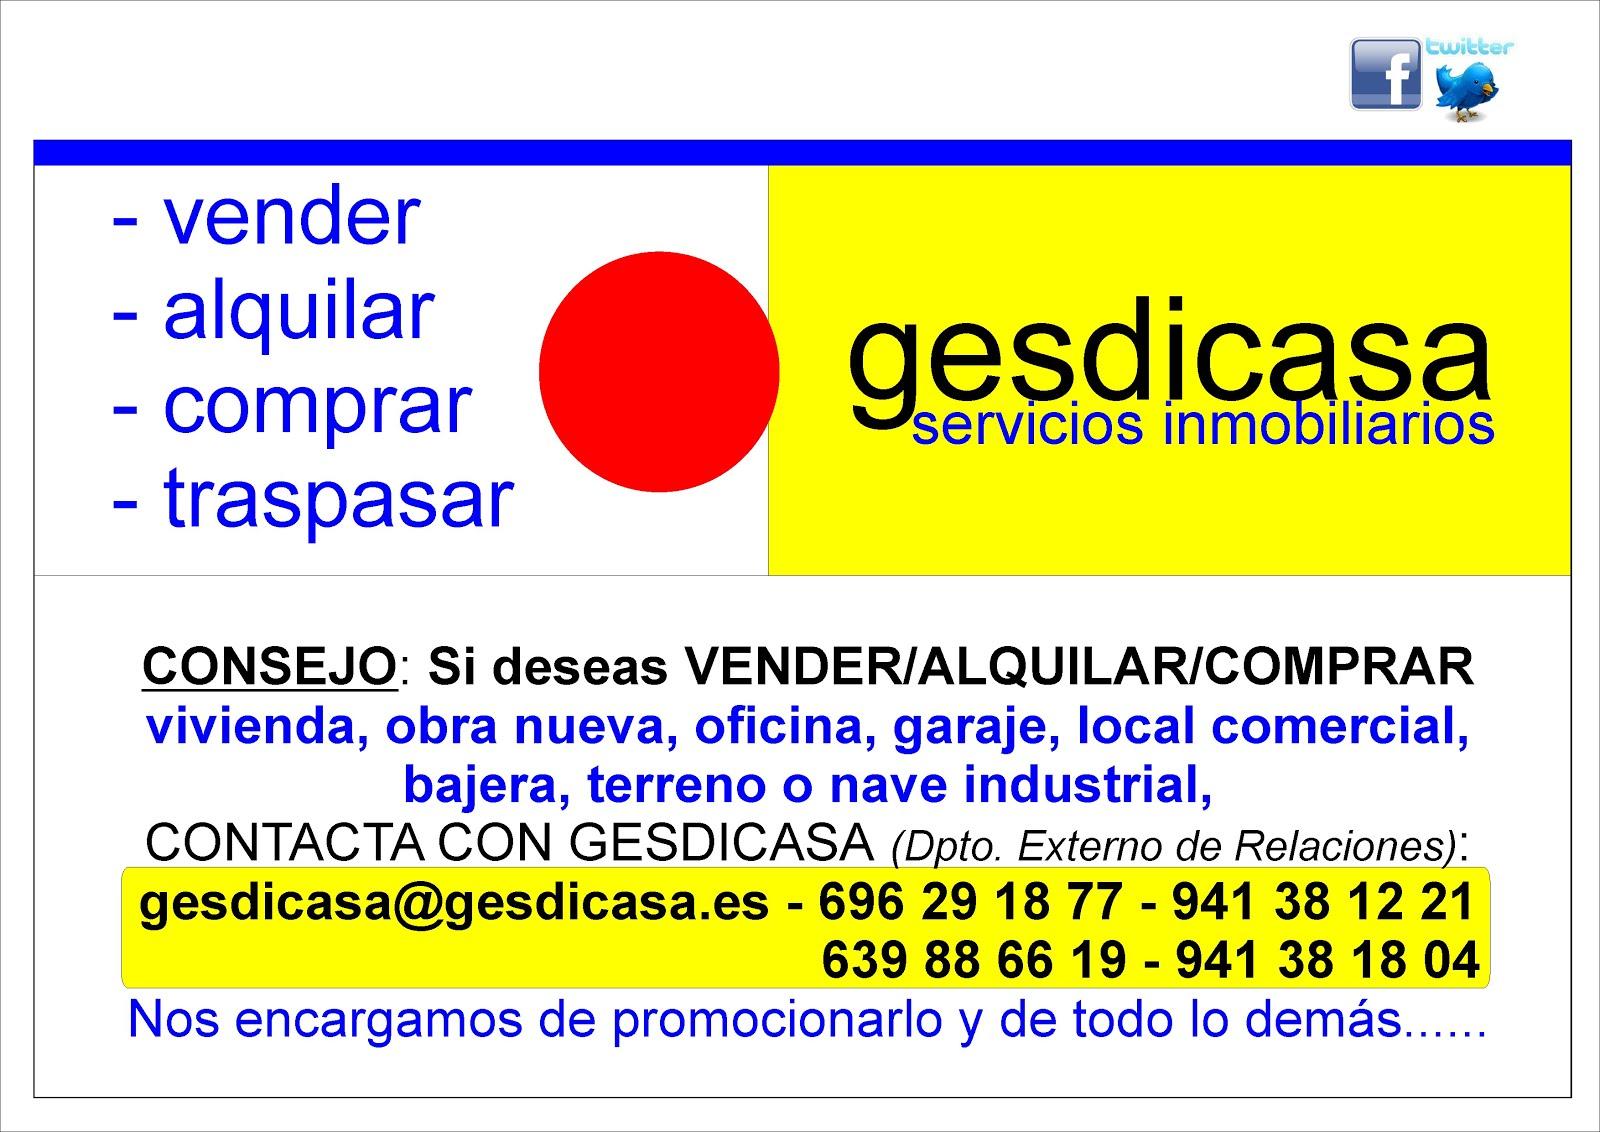 gesdicasa